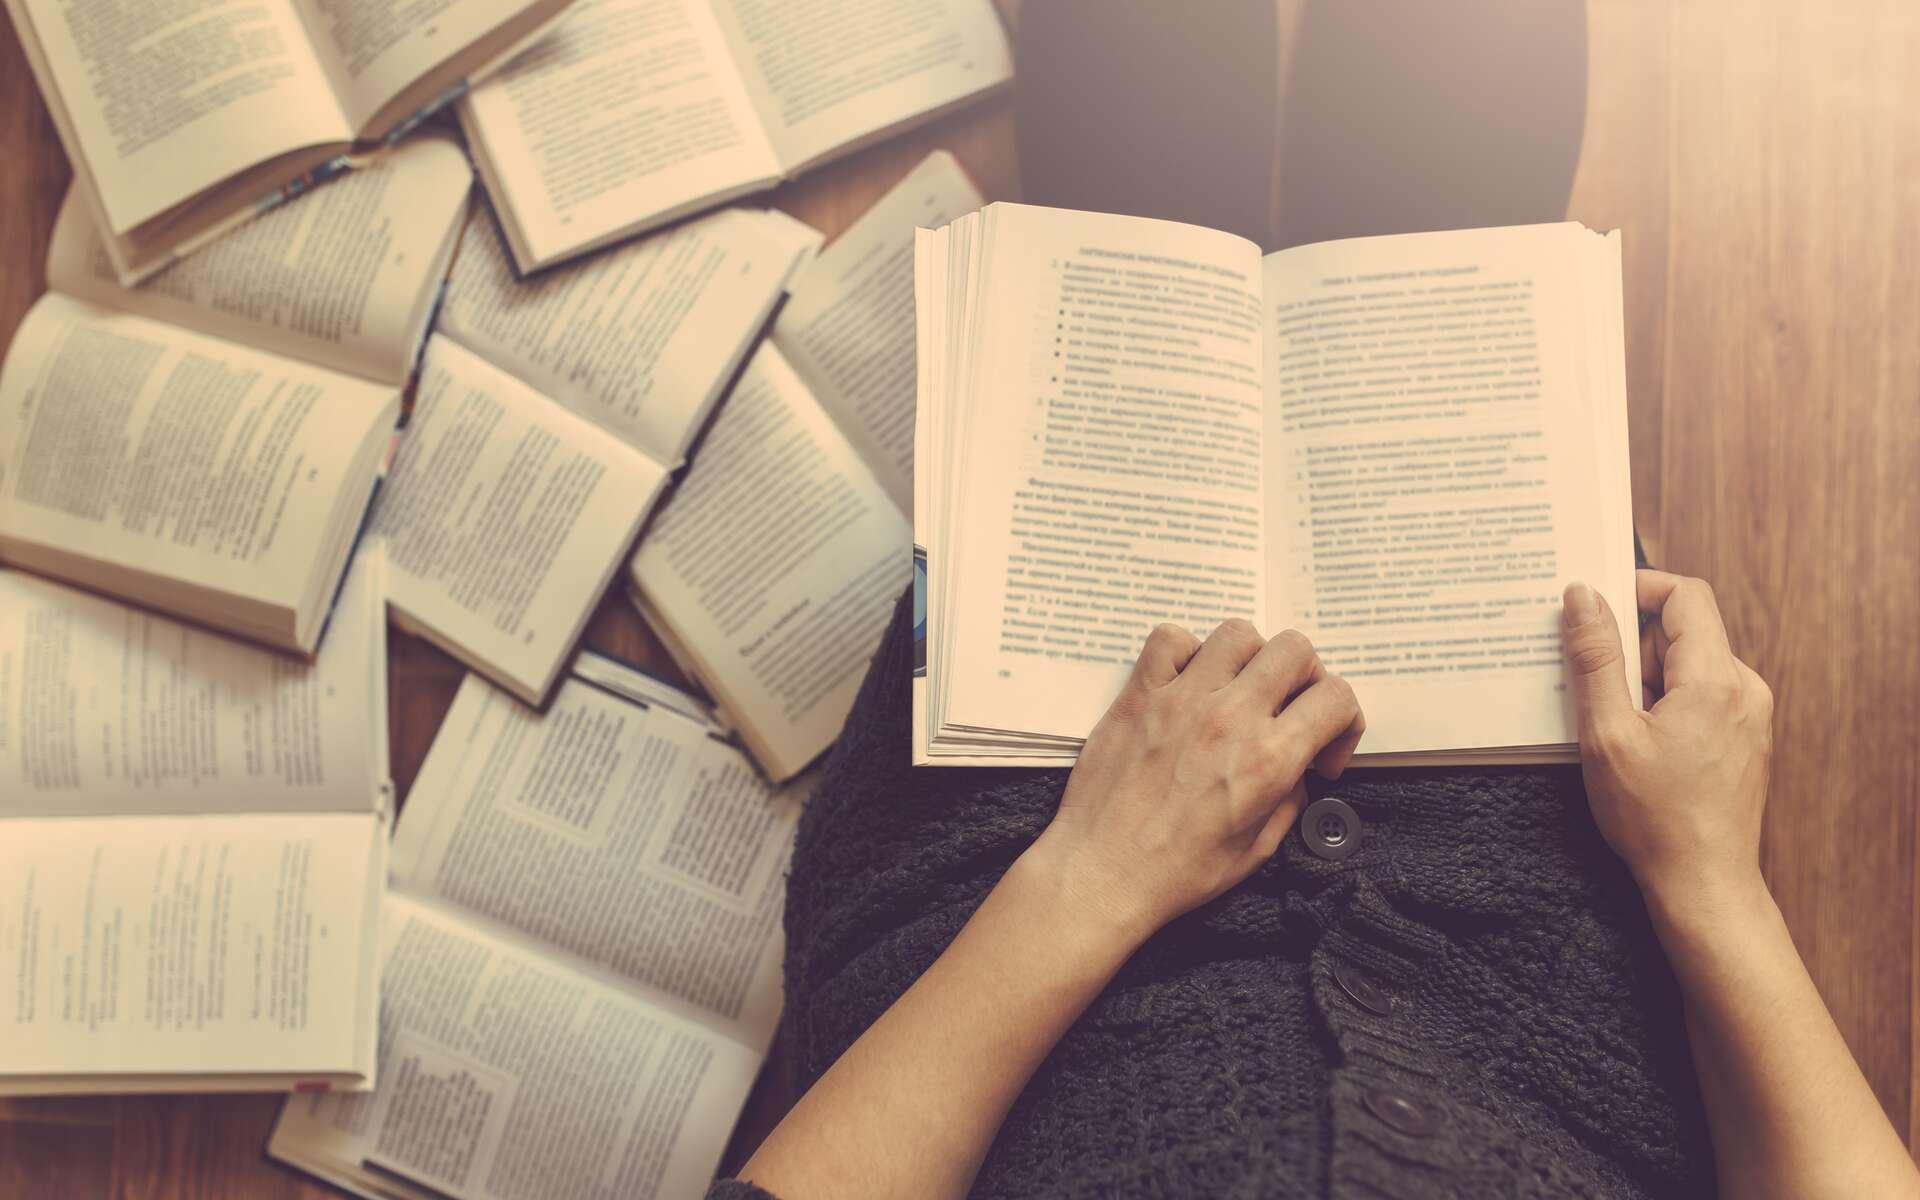 Une sélection de livre à dévorer pendant le confinement. © Ivan Kurmyshov, Adobe Stock